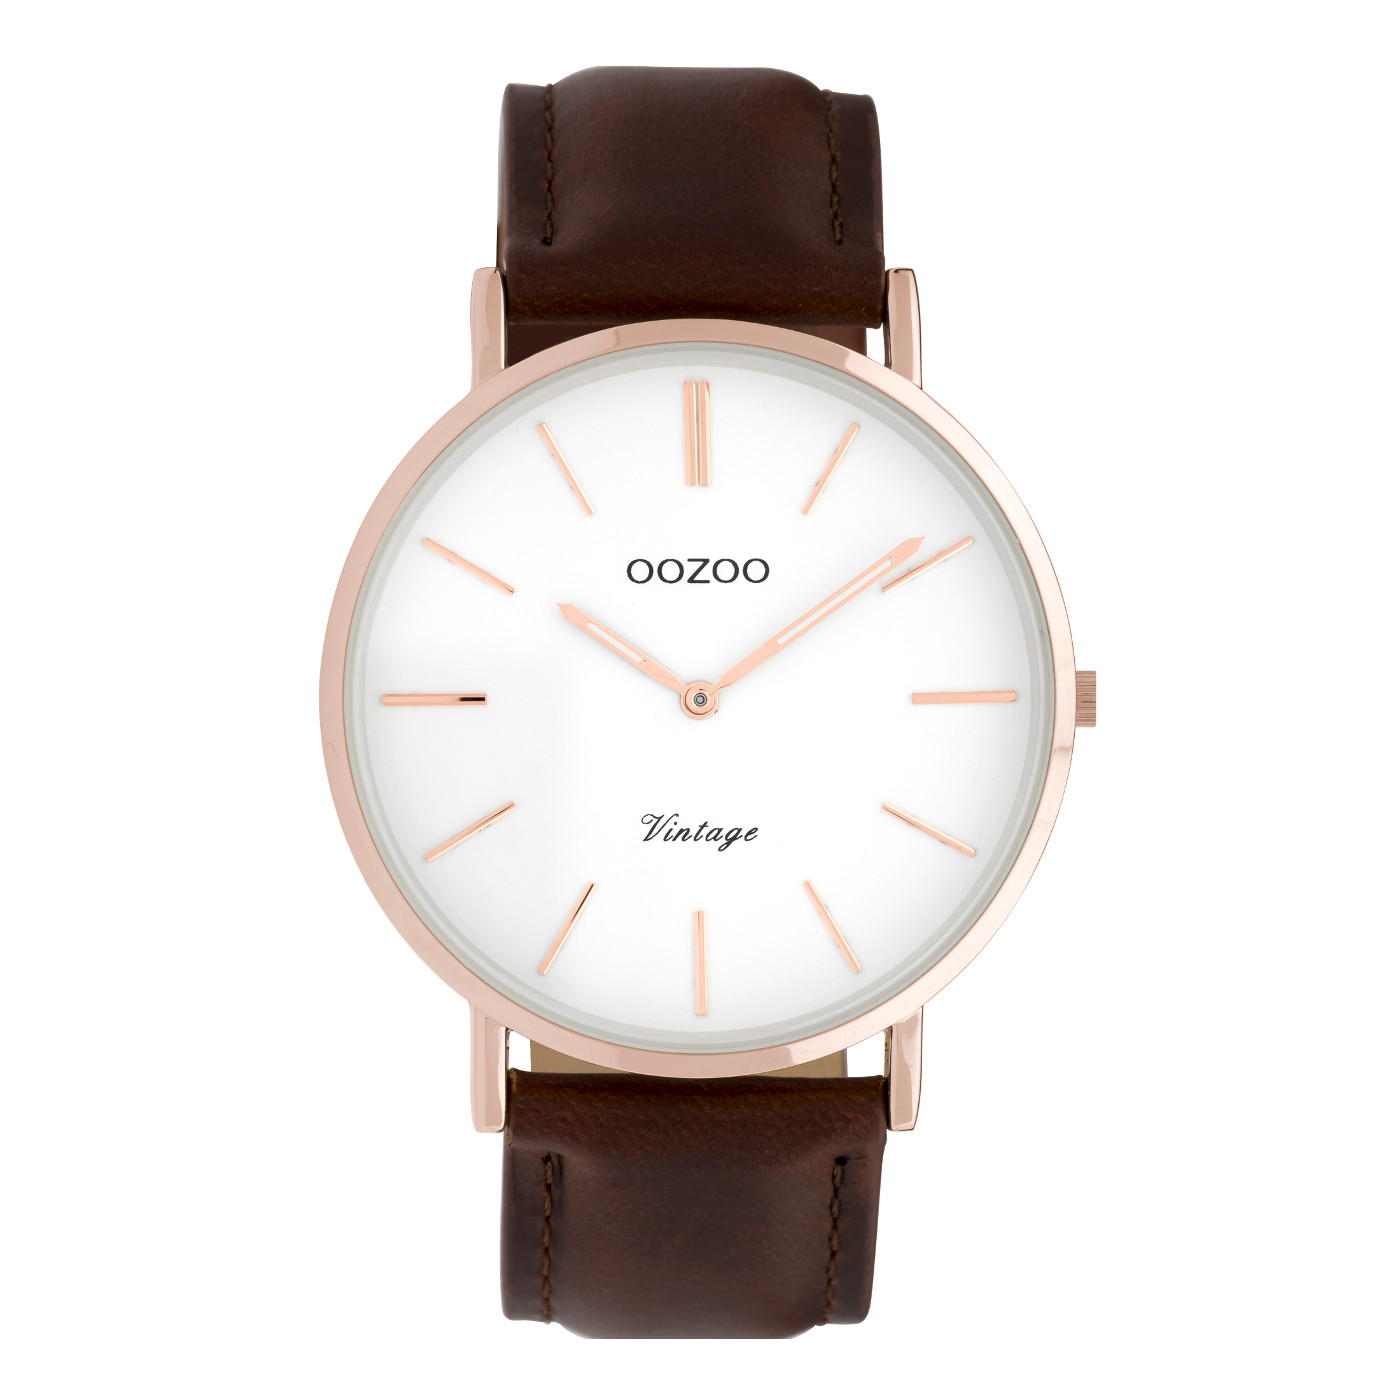 OOZOO Vintage Bruin/Wit horloge C9832 (40 mm)